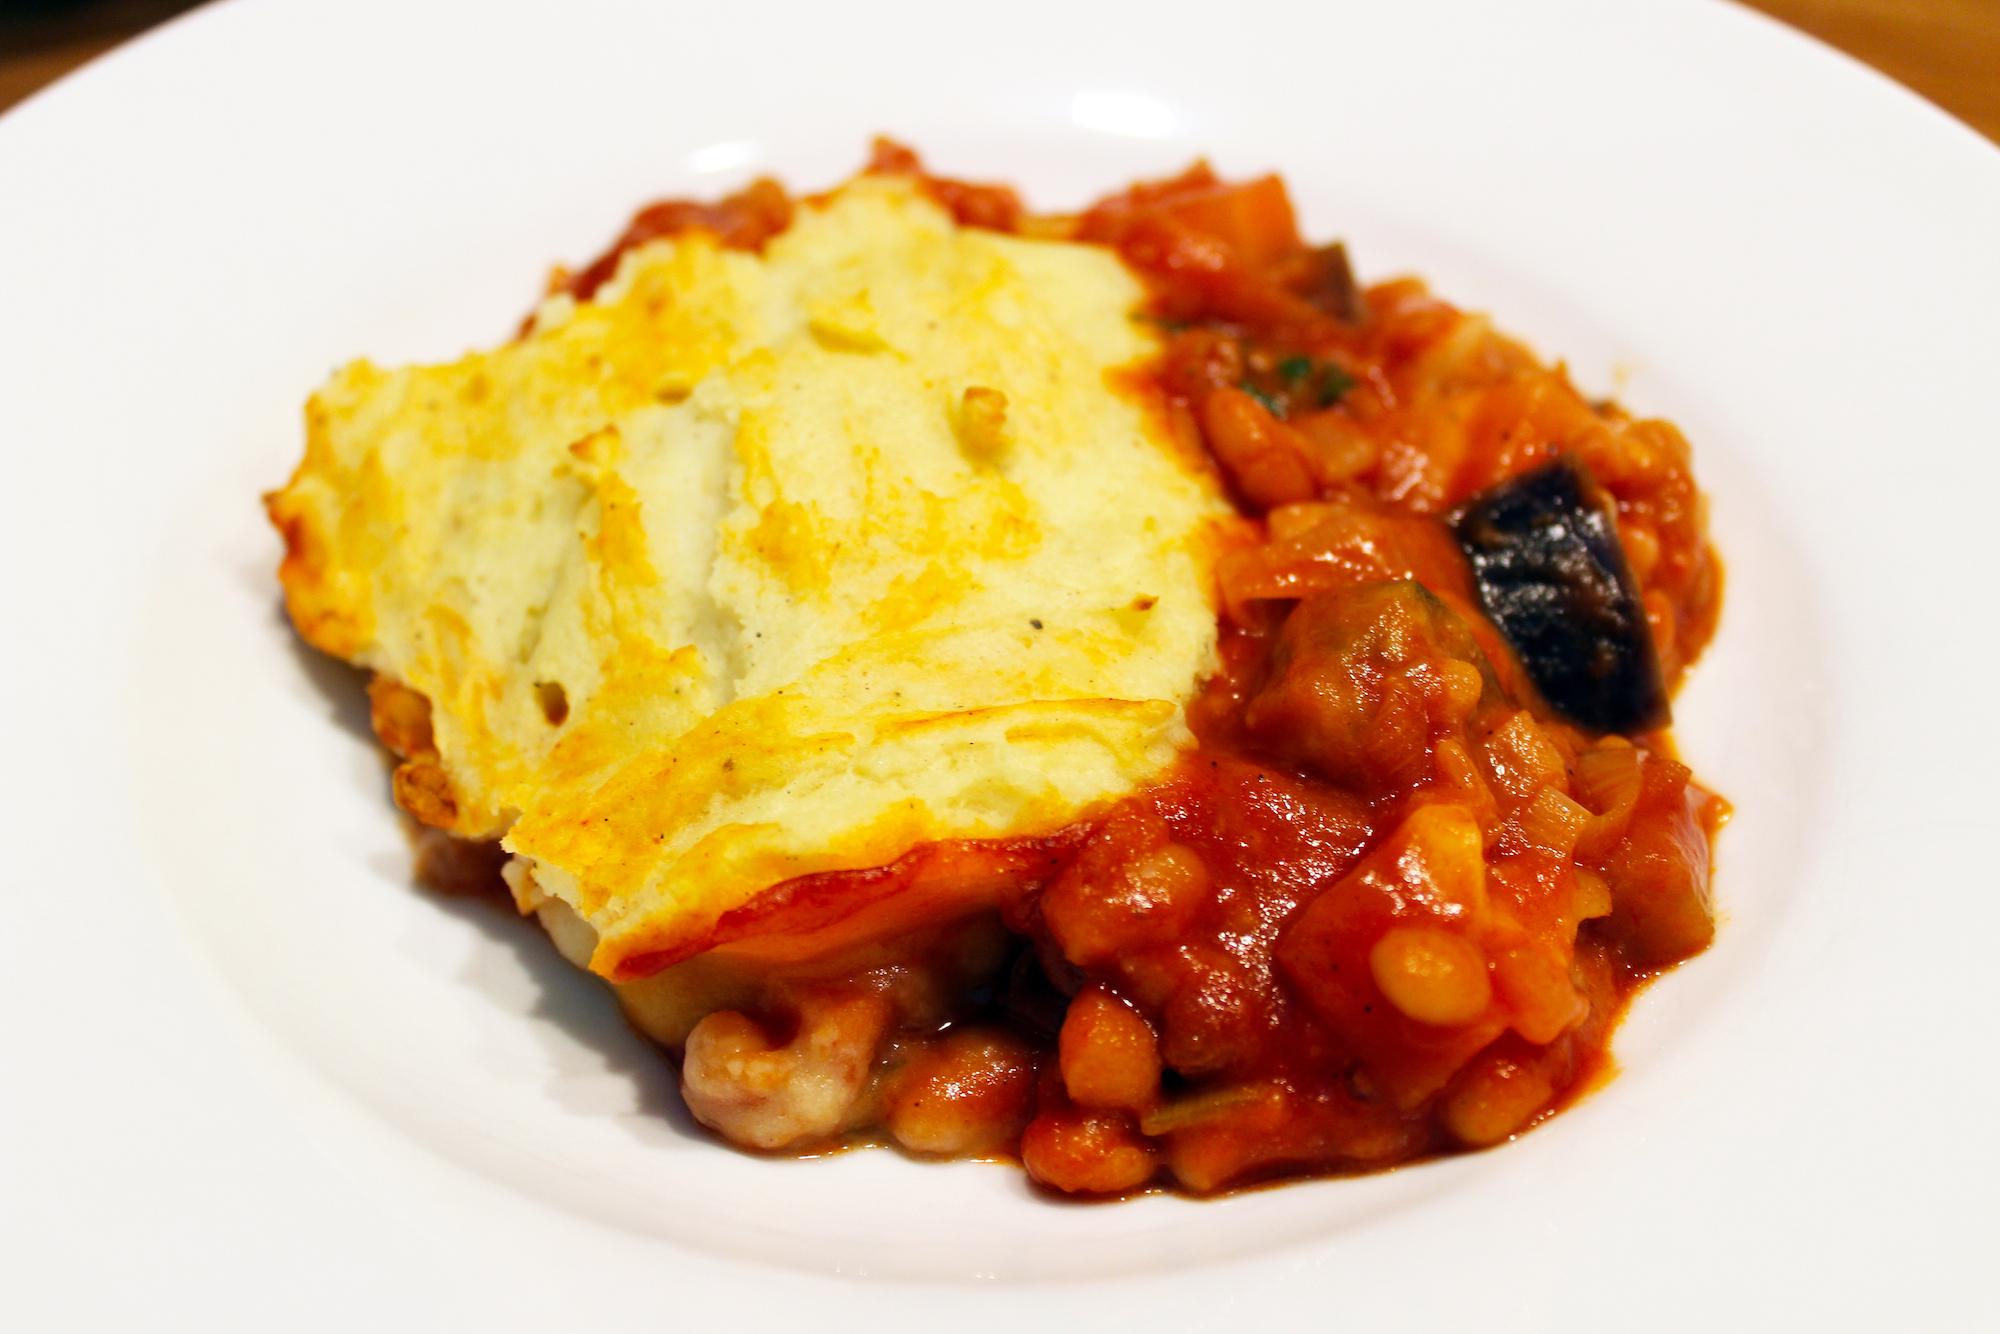 Vegetarische ovenschotel met aubergine, bonen in tomatensaus en puree